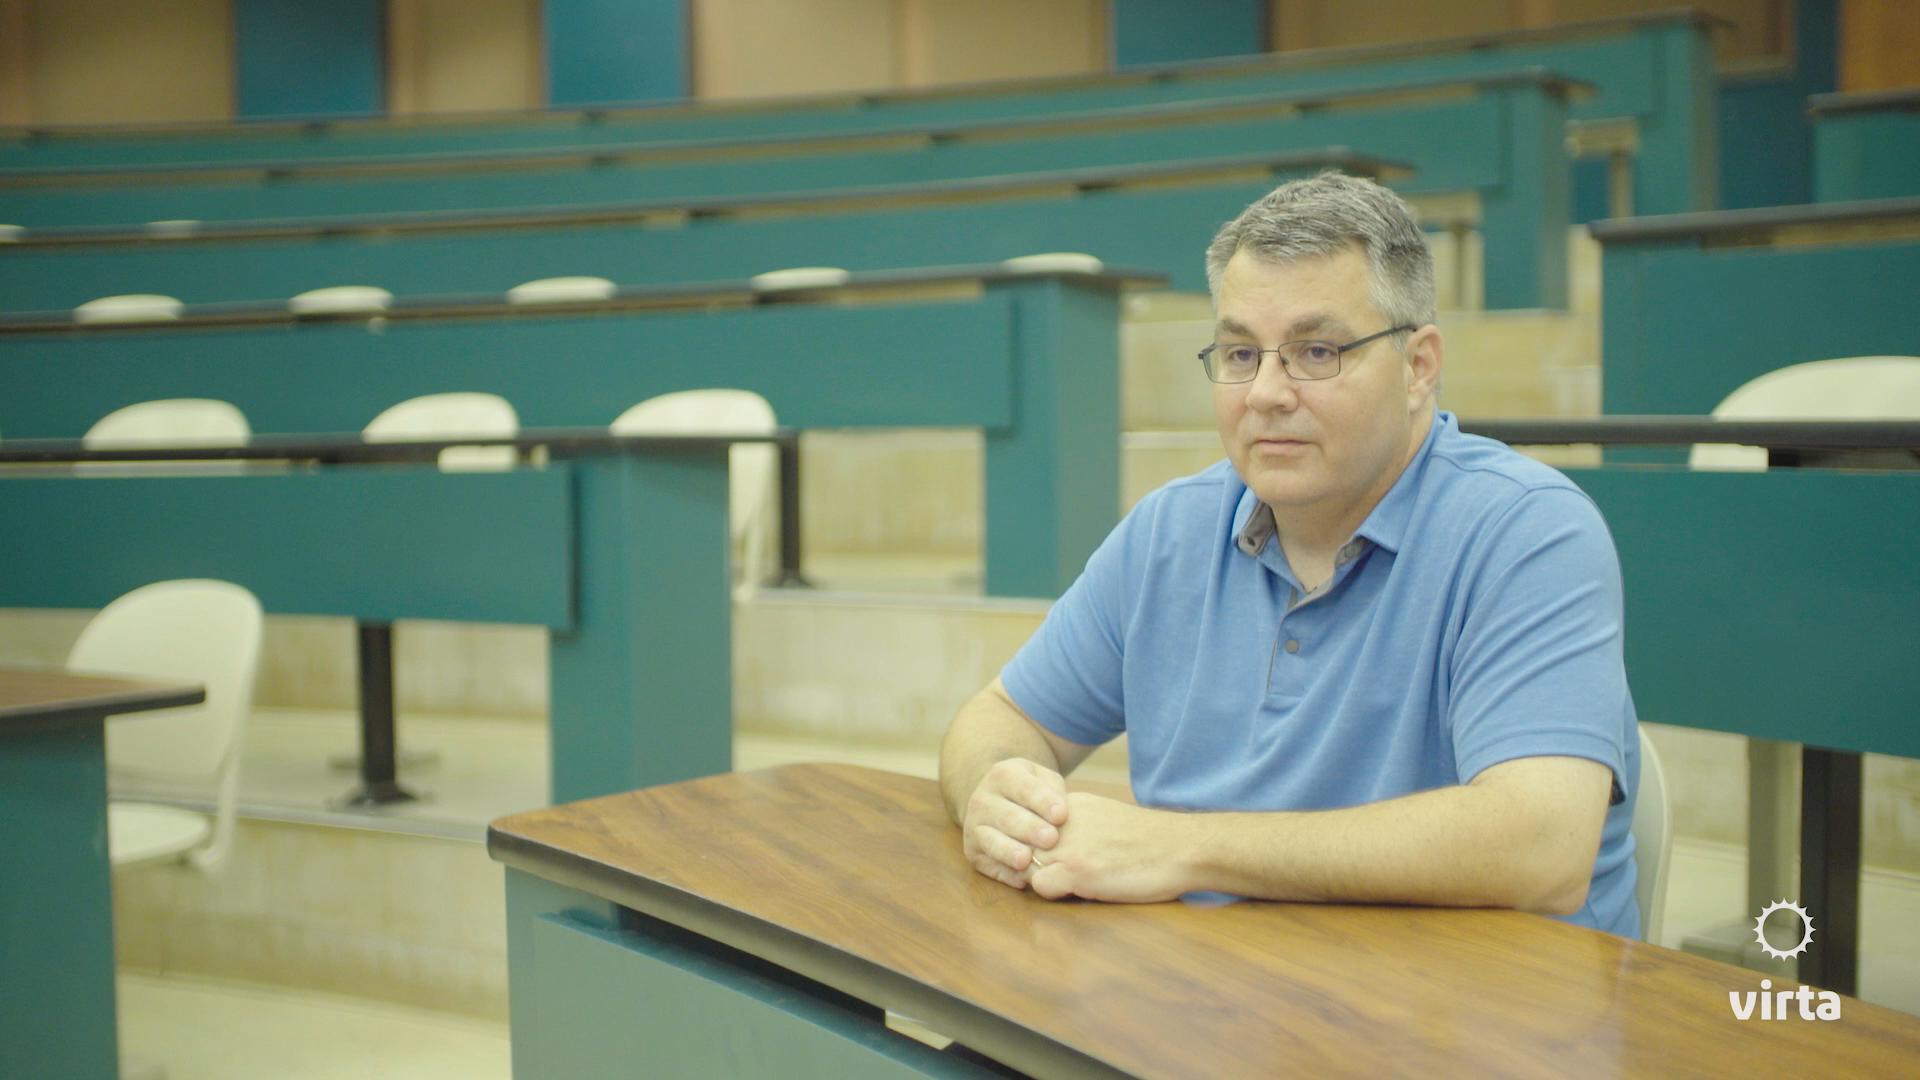 Scott, Virta patient, sitting in an academic auditorium